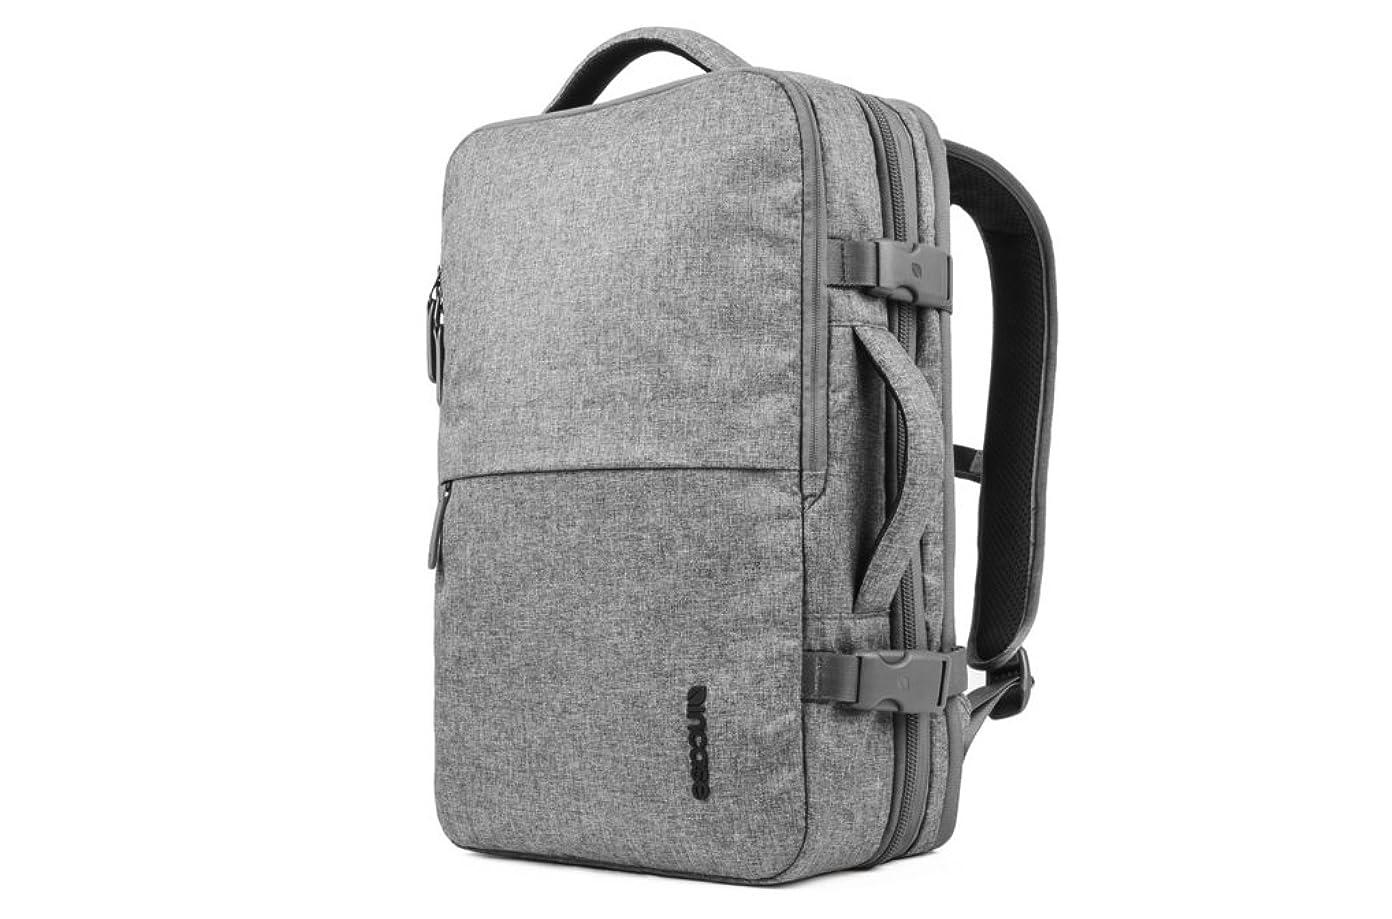 爆発物花嫁キャプテンブライ[インケース] INCASE EO Travel Backpack 互換性 : MacBook Pro, iPad バックパック CL90020 [並行輸入品]